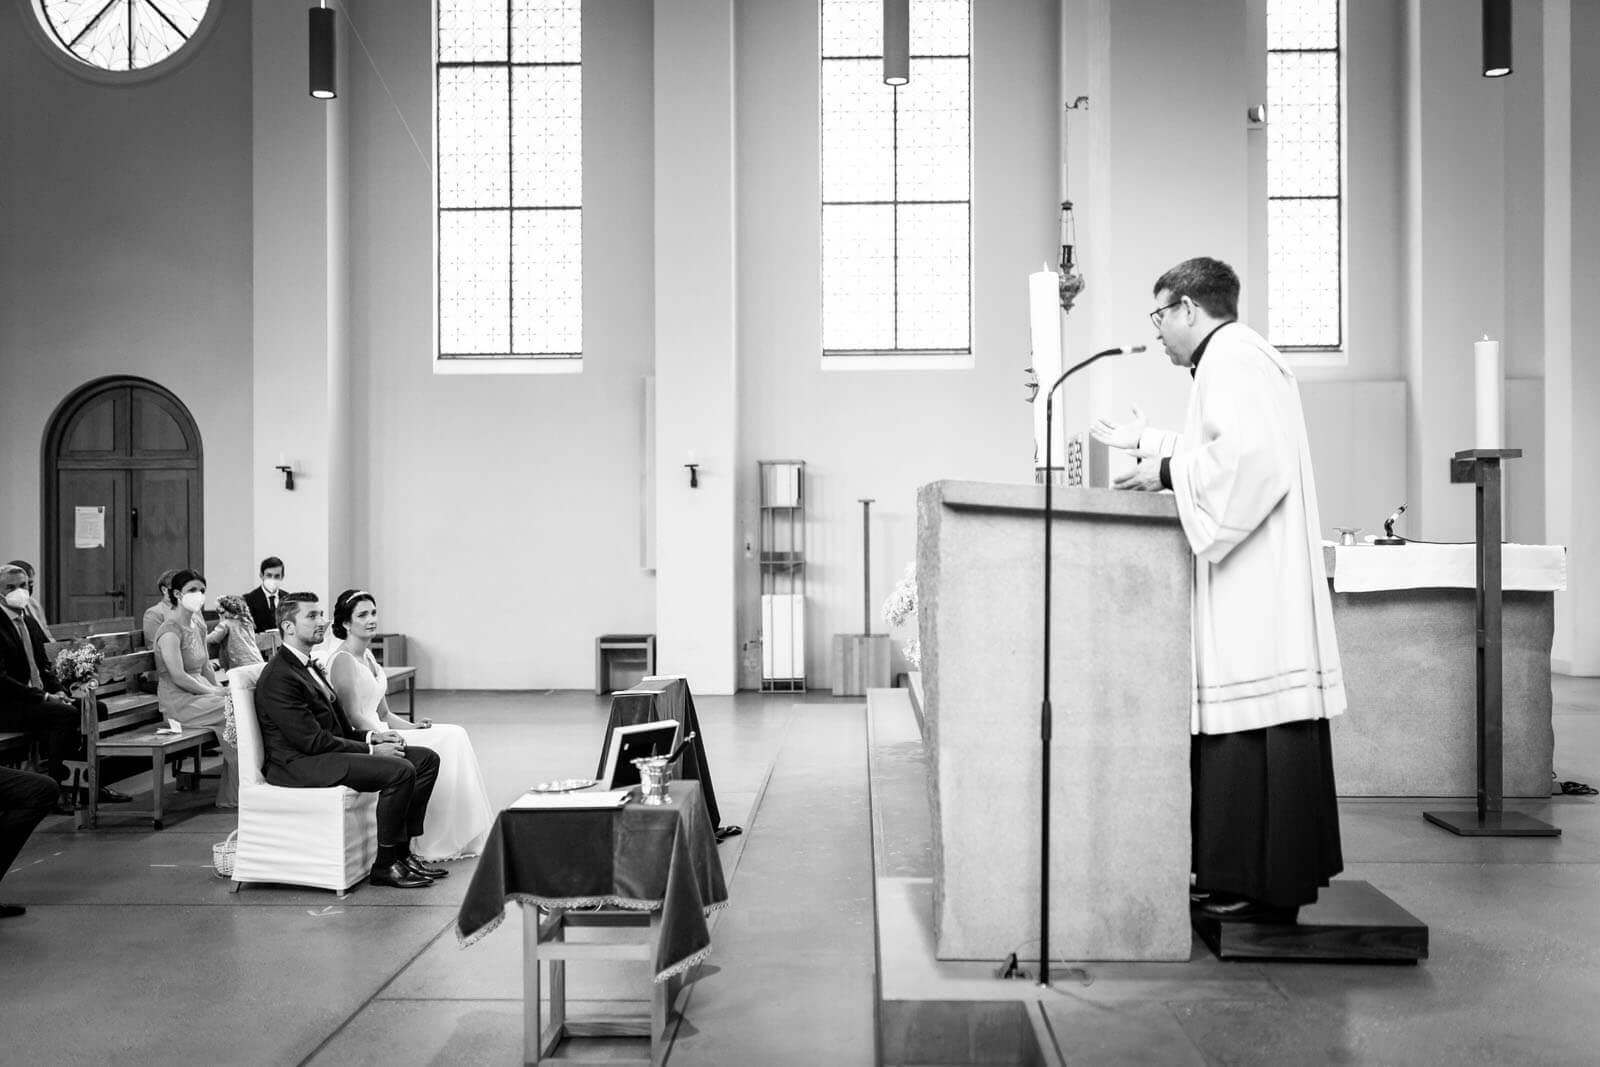 Pfarrer Philipp Görtz beim Traugottesdienst